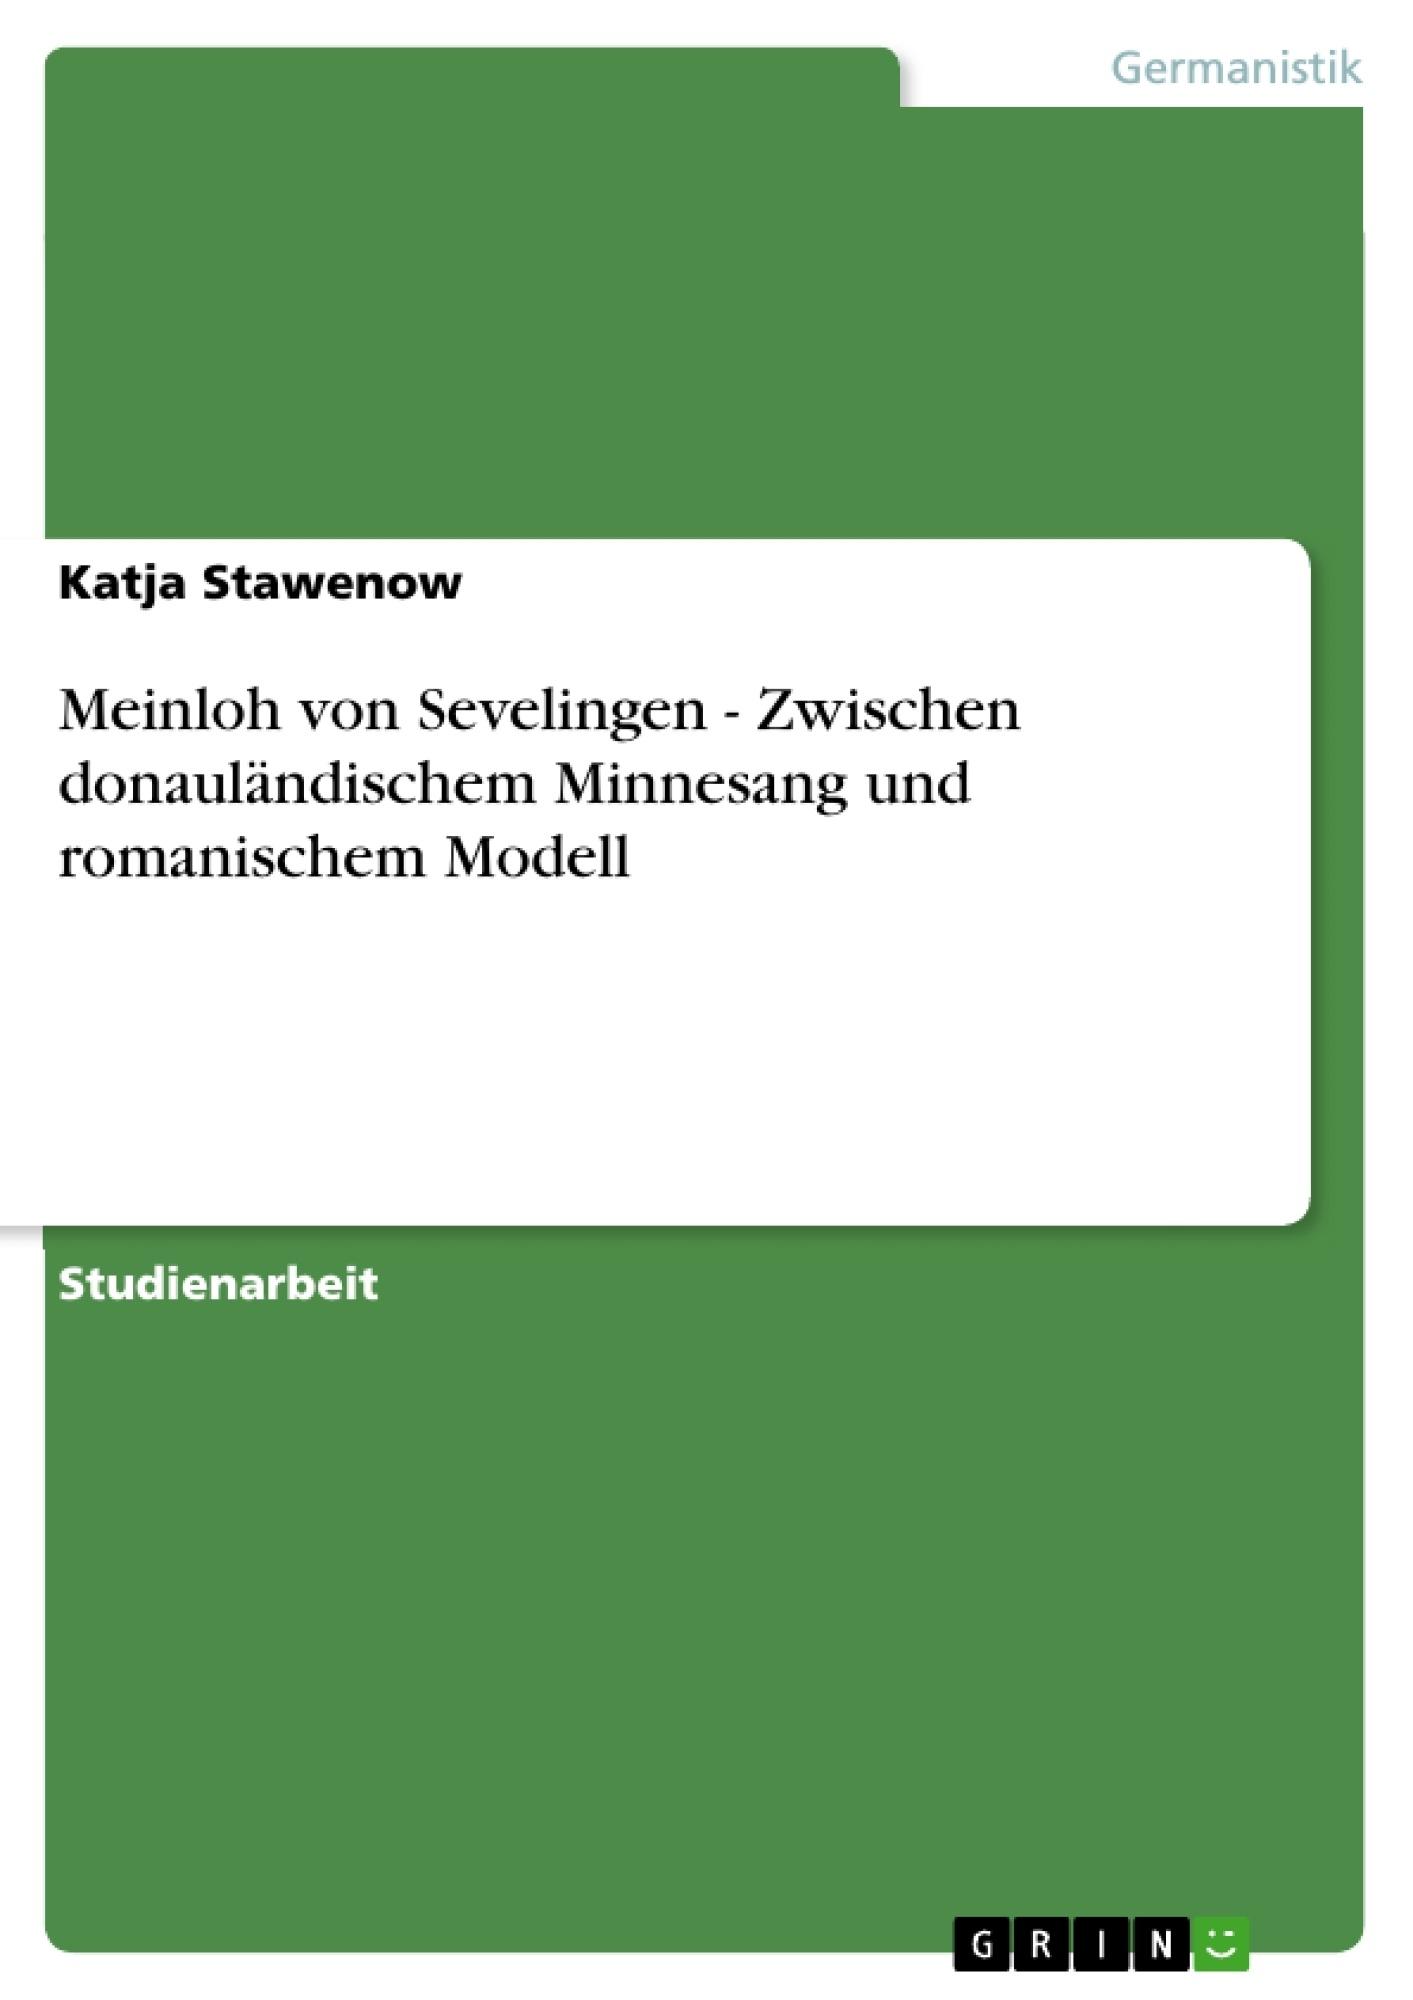 Titel: Meinloh von Sevelingen - Zwischen donauländischem Minnesang und romanischem Modell